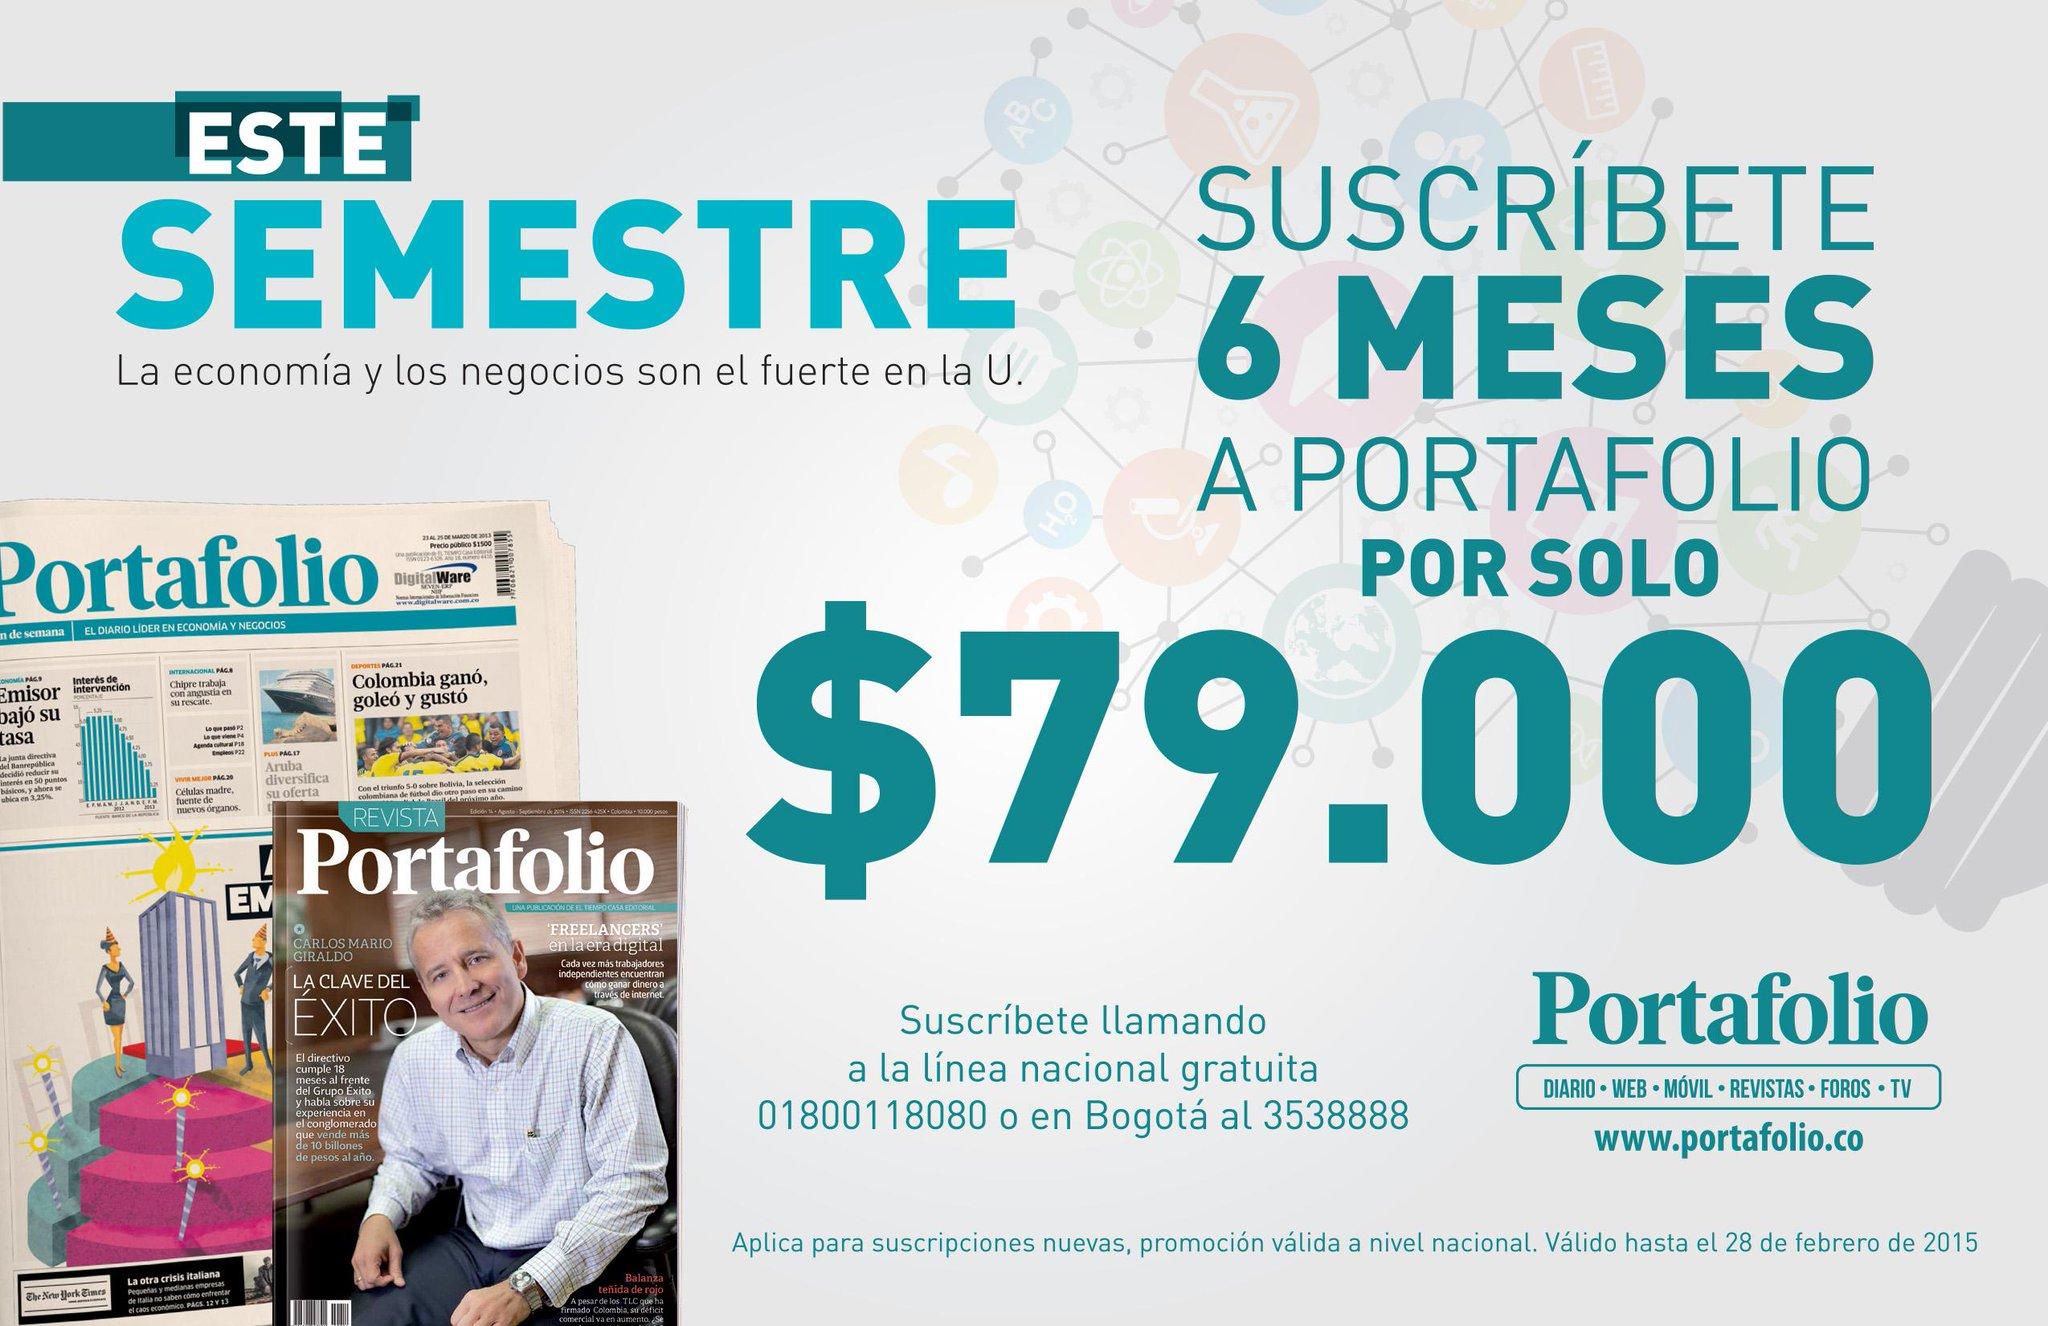 #PromocionesPortafolio Estudiante de pregrado, ahora puede inscribirse a nuestro periódico por un valor muy económico http://t.co/X8lW9qGQc8